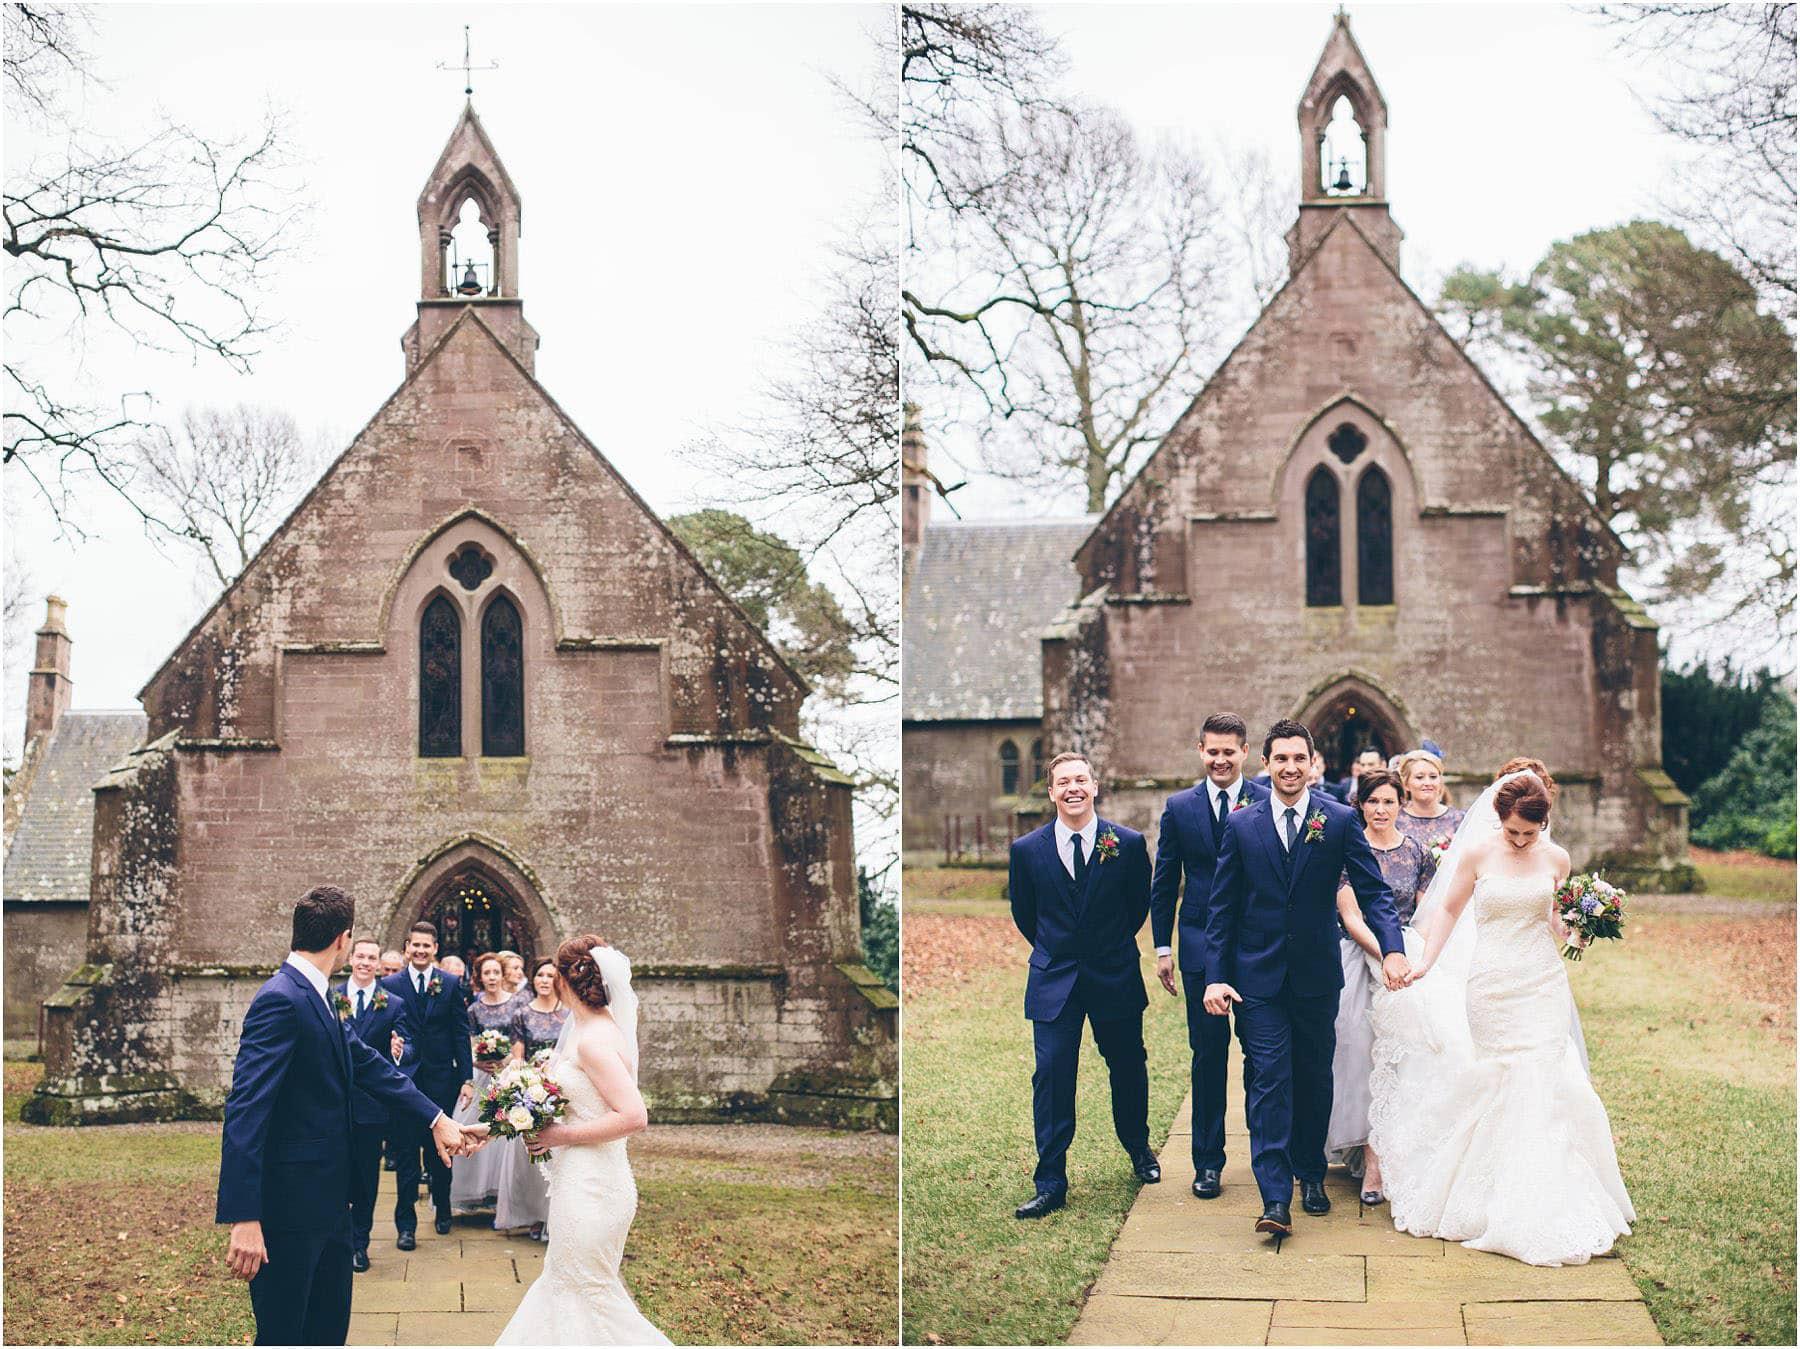 Fasque_House_Wedding_Photography_0064